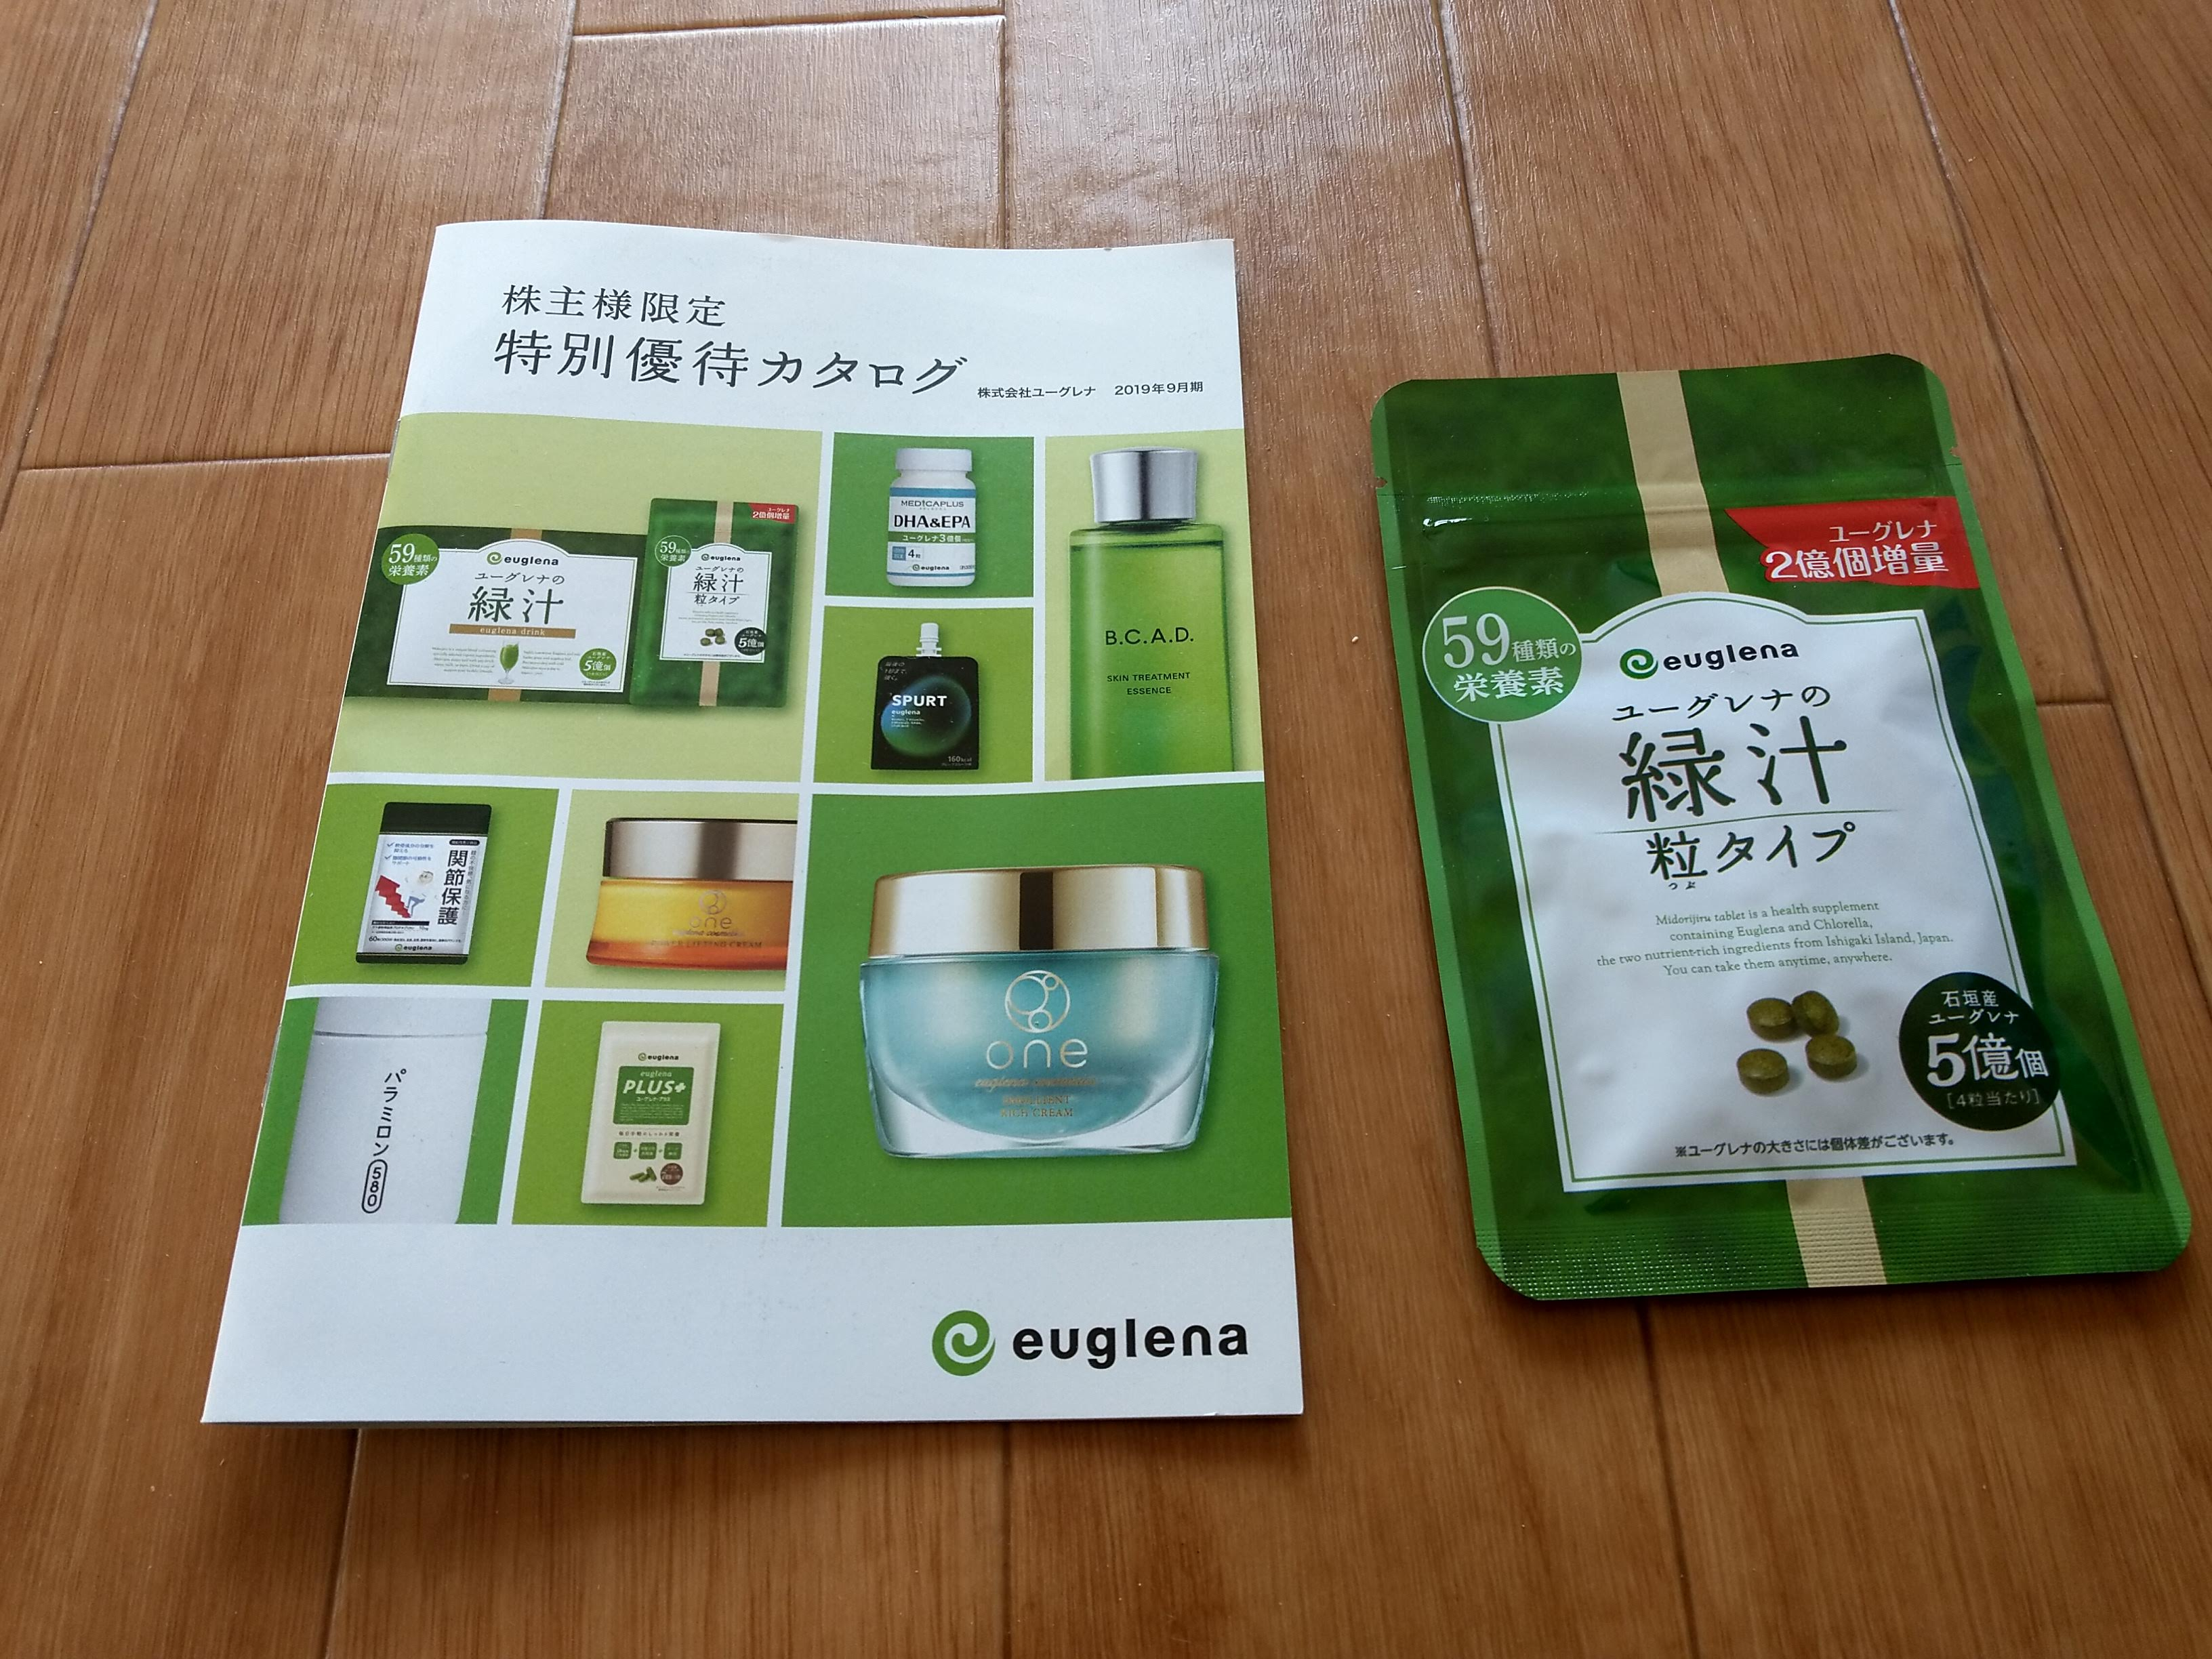 ユーグレナの株主優待_「ユーグレナの緑汁粒タイプ」のサンプルと特別優待カタログ